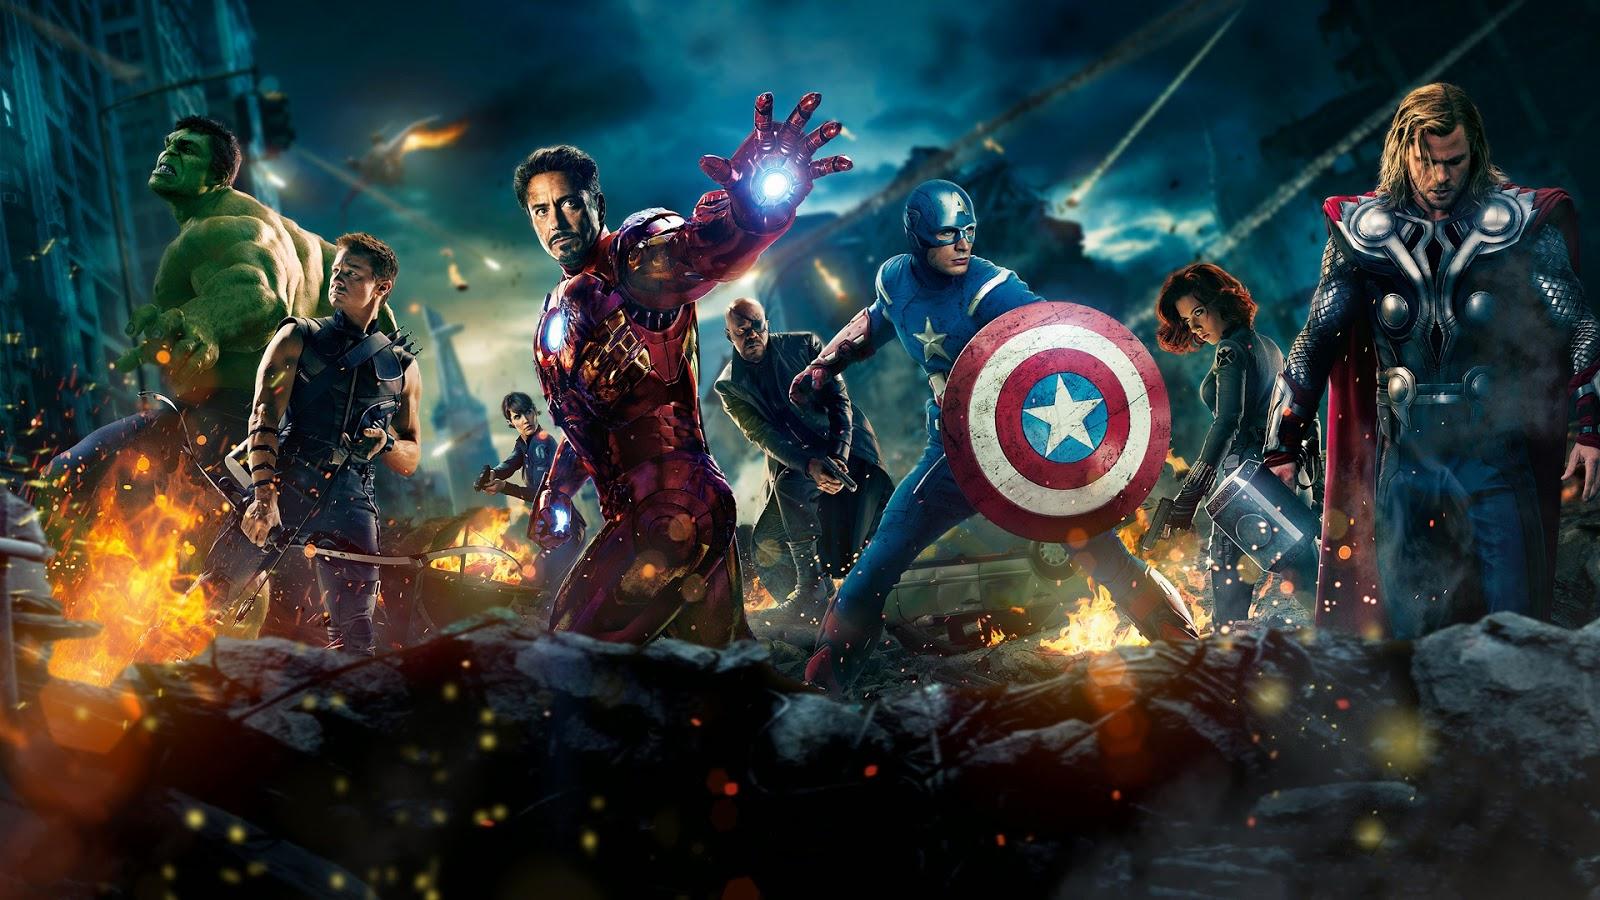 Avengers,Hulk